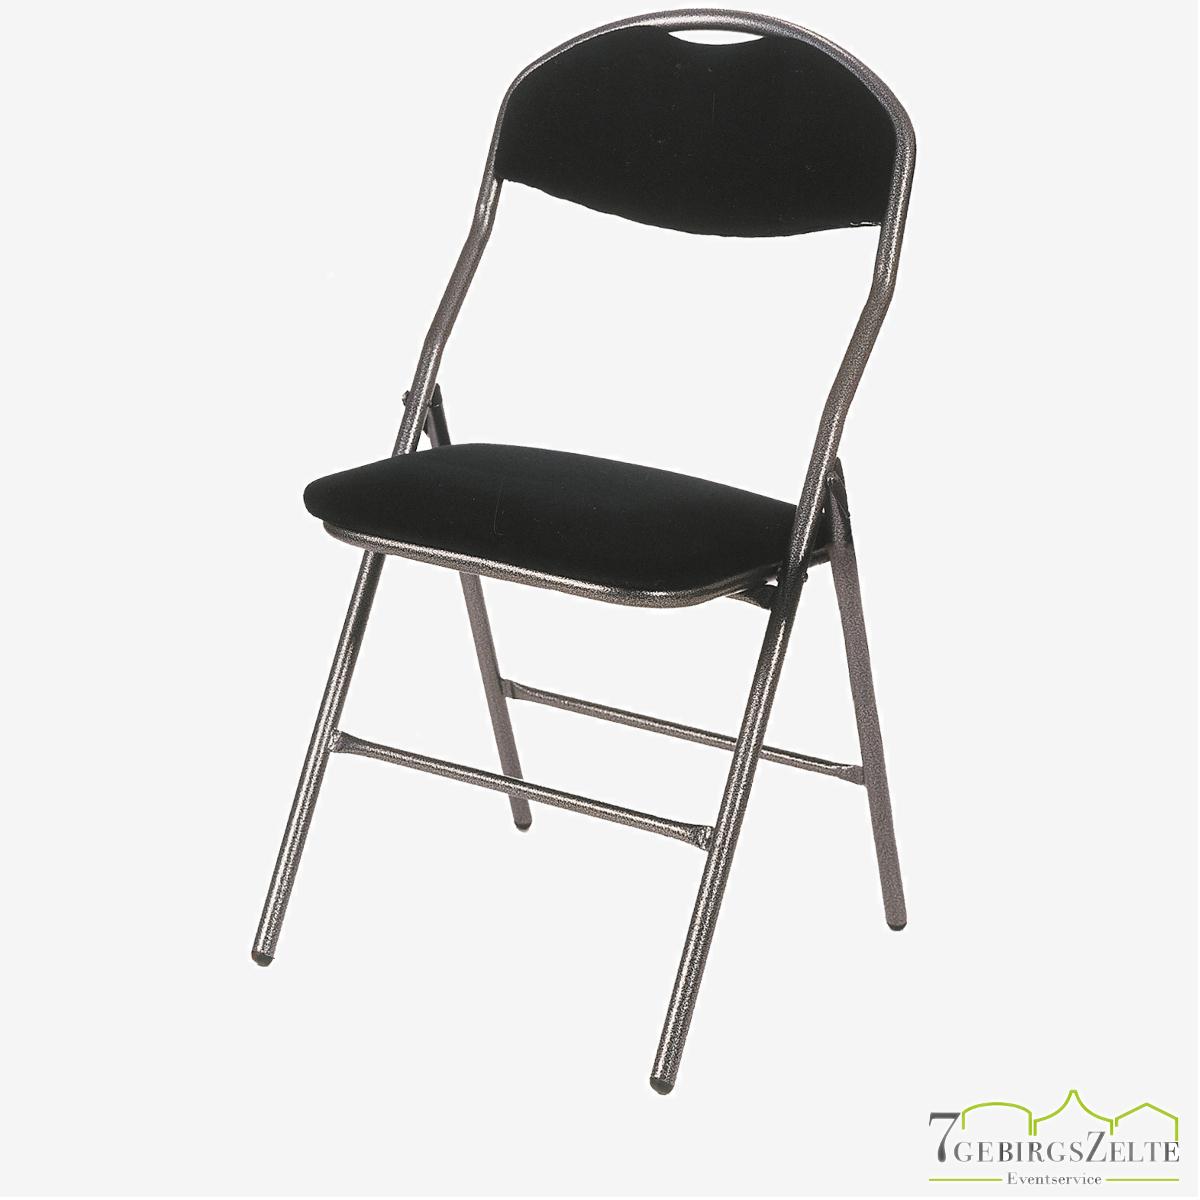 Folding chair  Super de Luxe hammerscale frame - fire retardant schwarz velvet  fabric